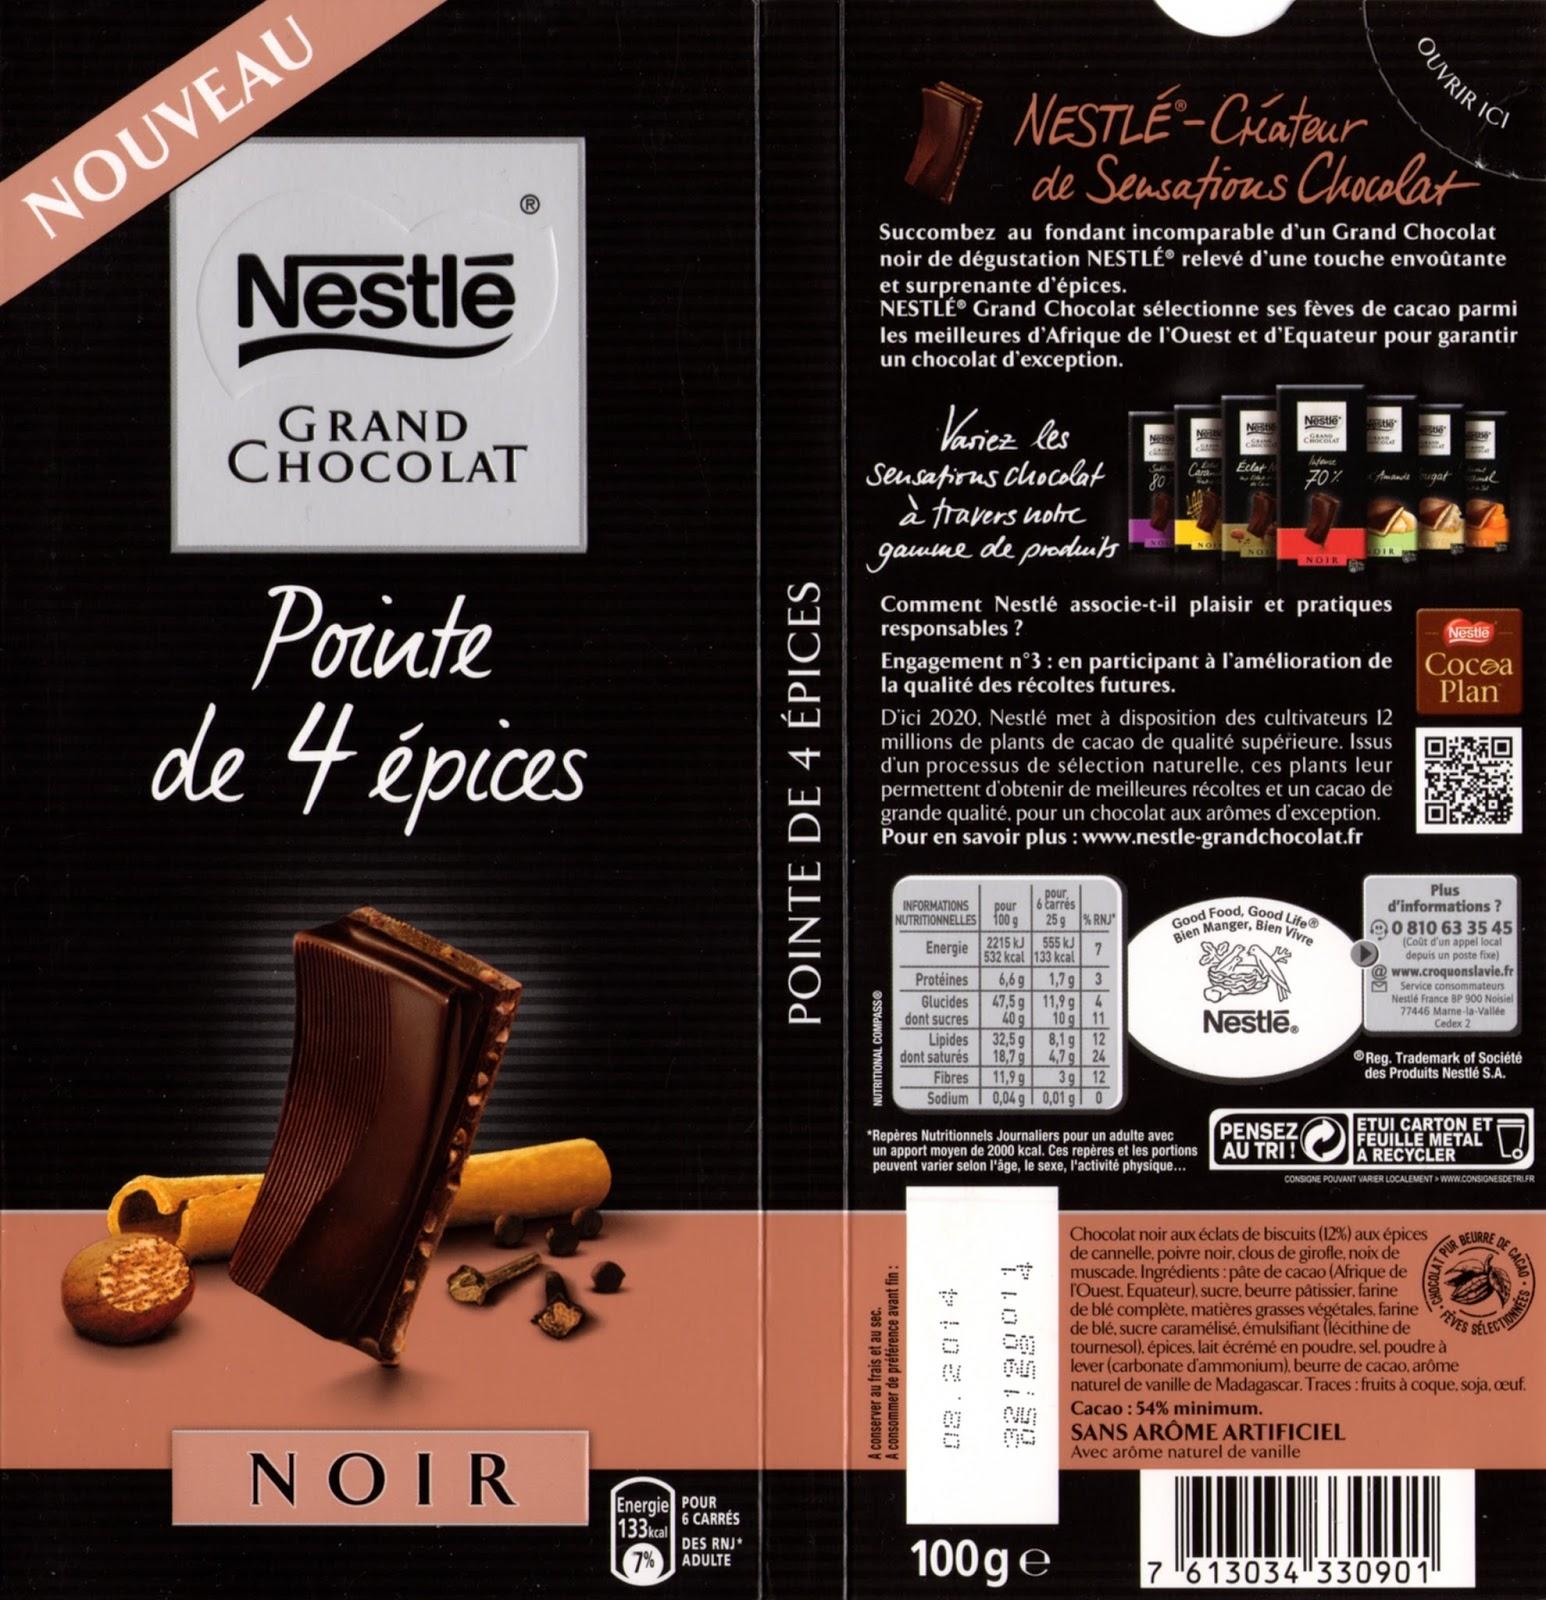 nestl233 grand chocolat noir pointe de 4 epices tablette